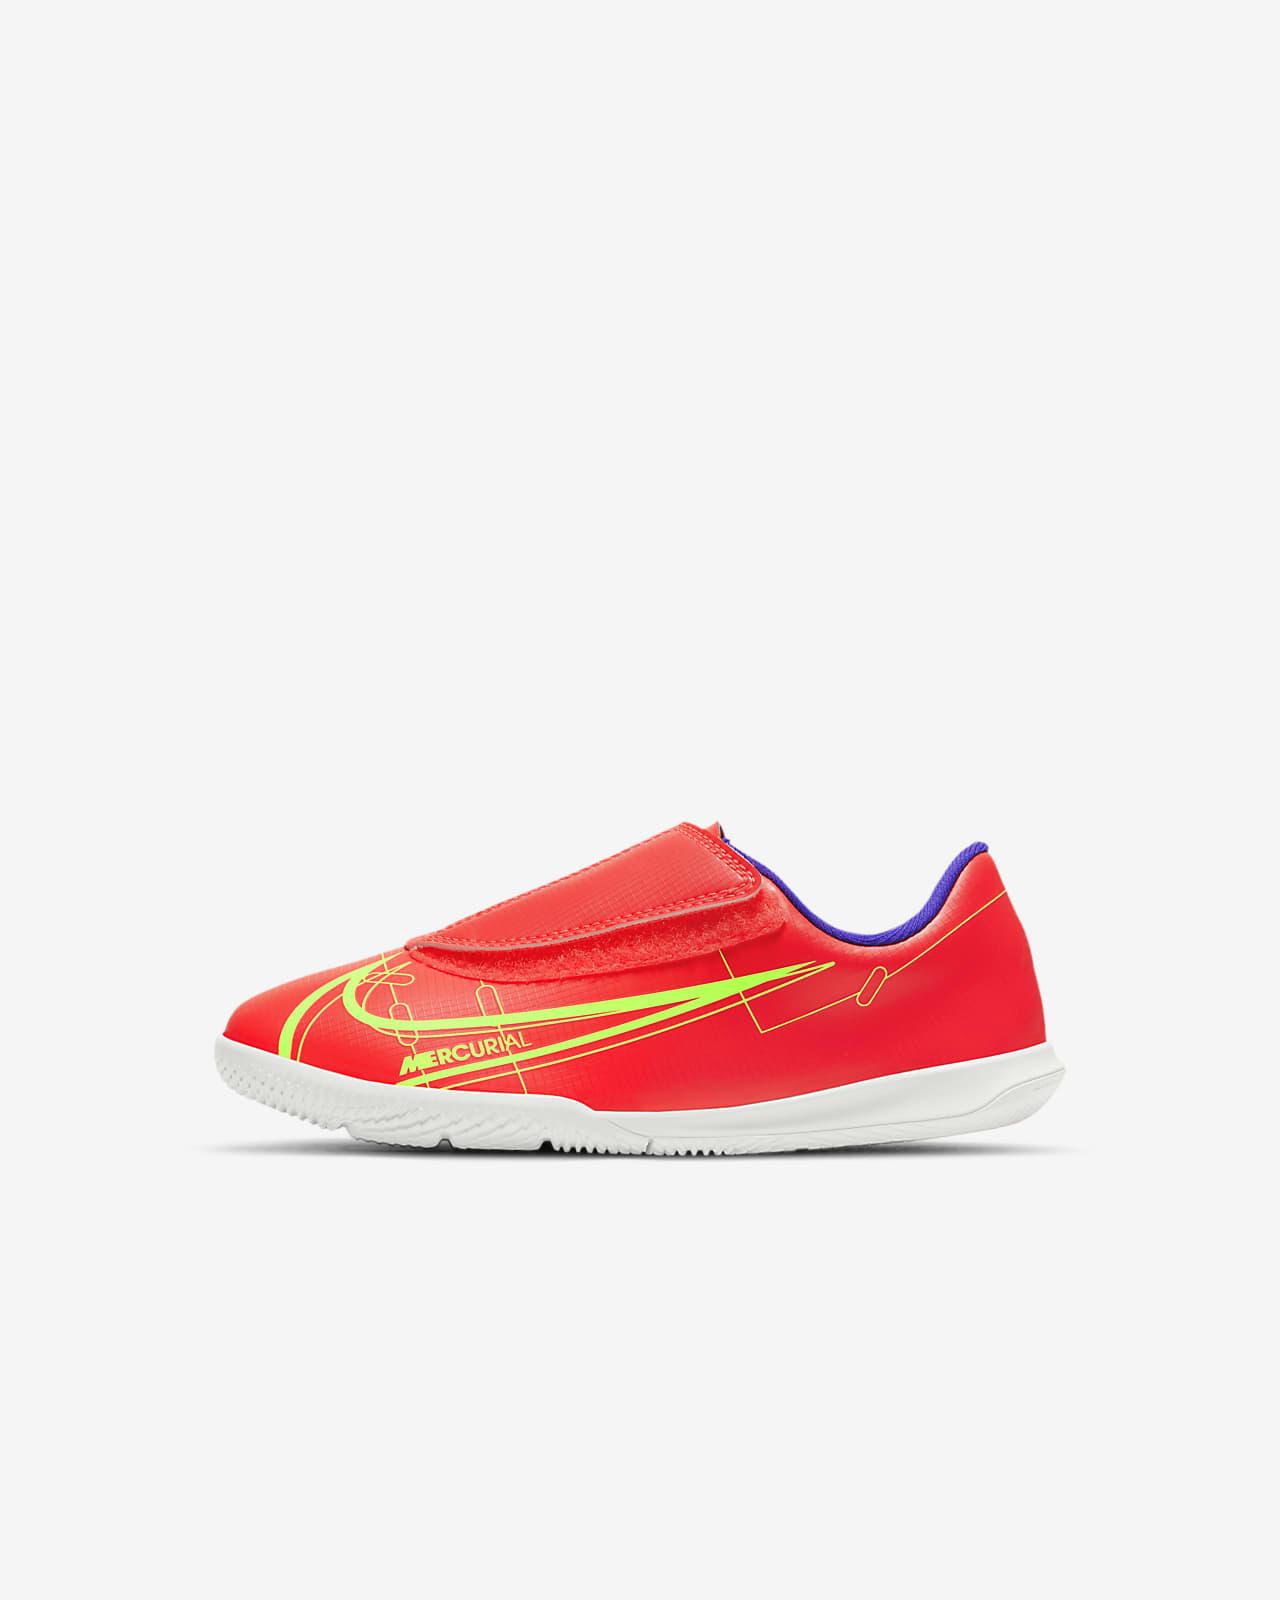 Chaussure de football en salle Nike Jr. Mercurial Vapor 14 Club IC pour Jeune enfant